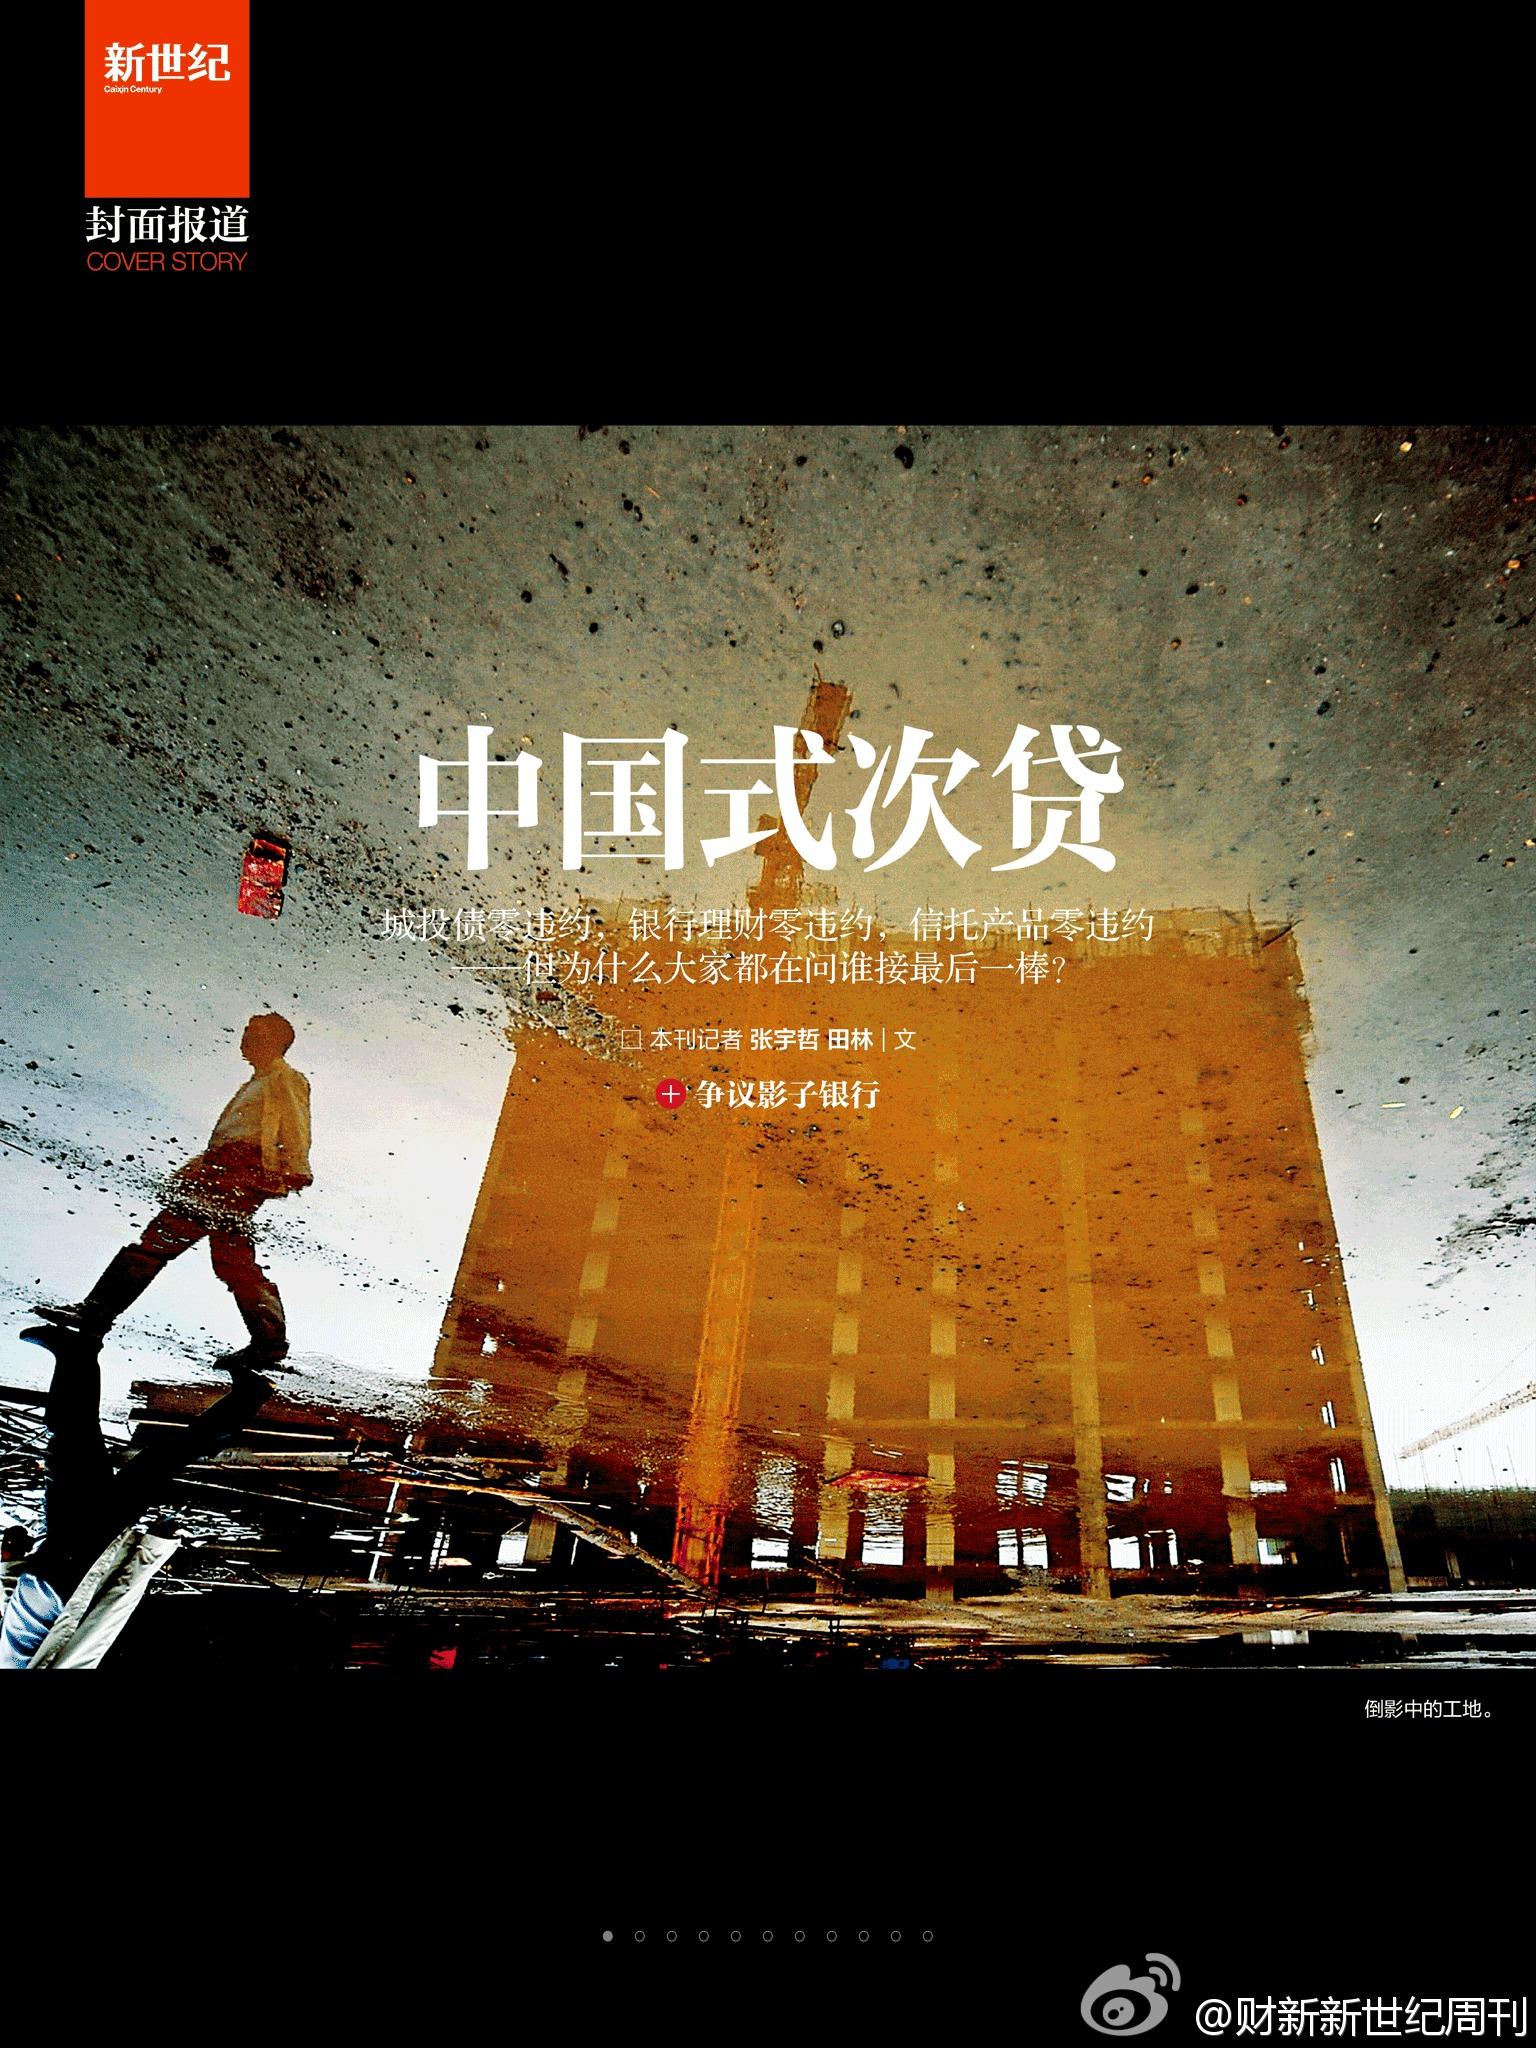 中国的次贷风暴和雷曼兄弟